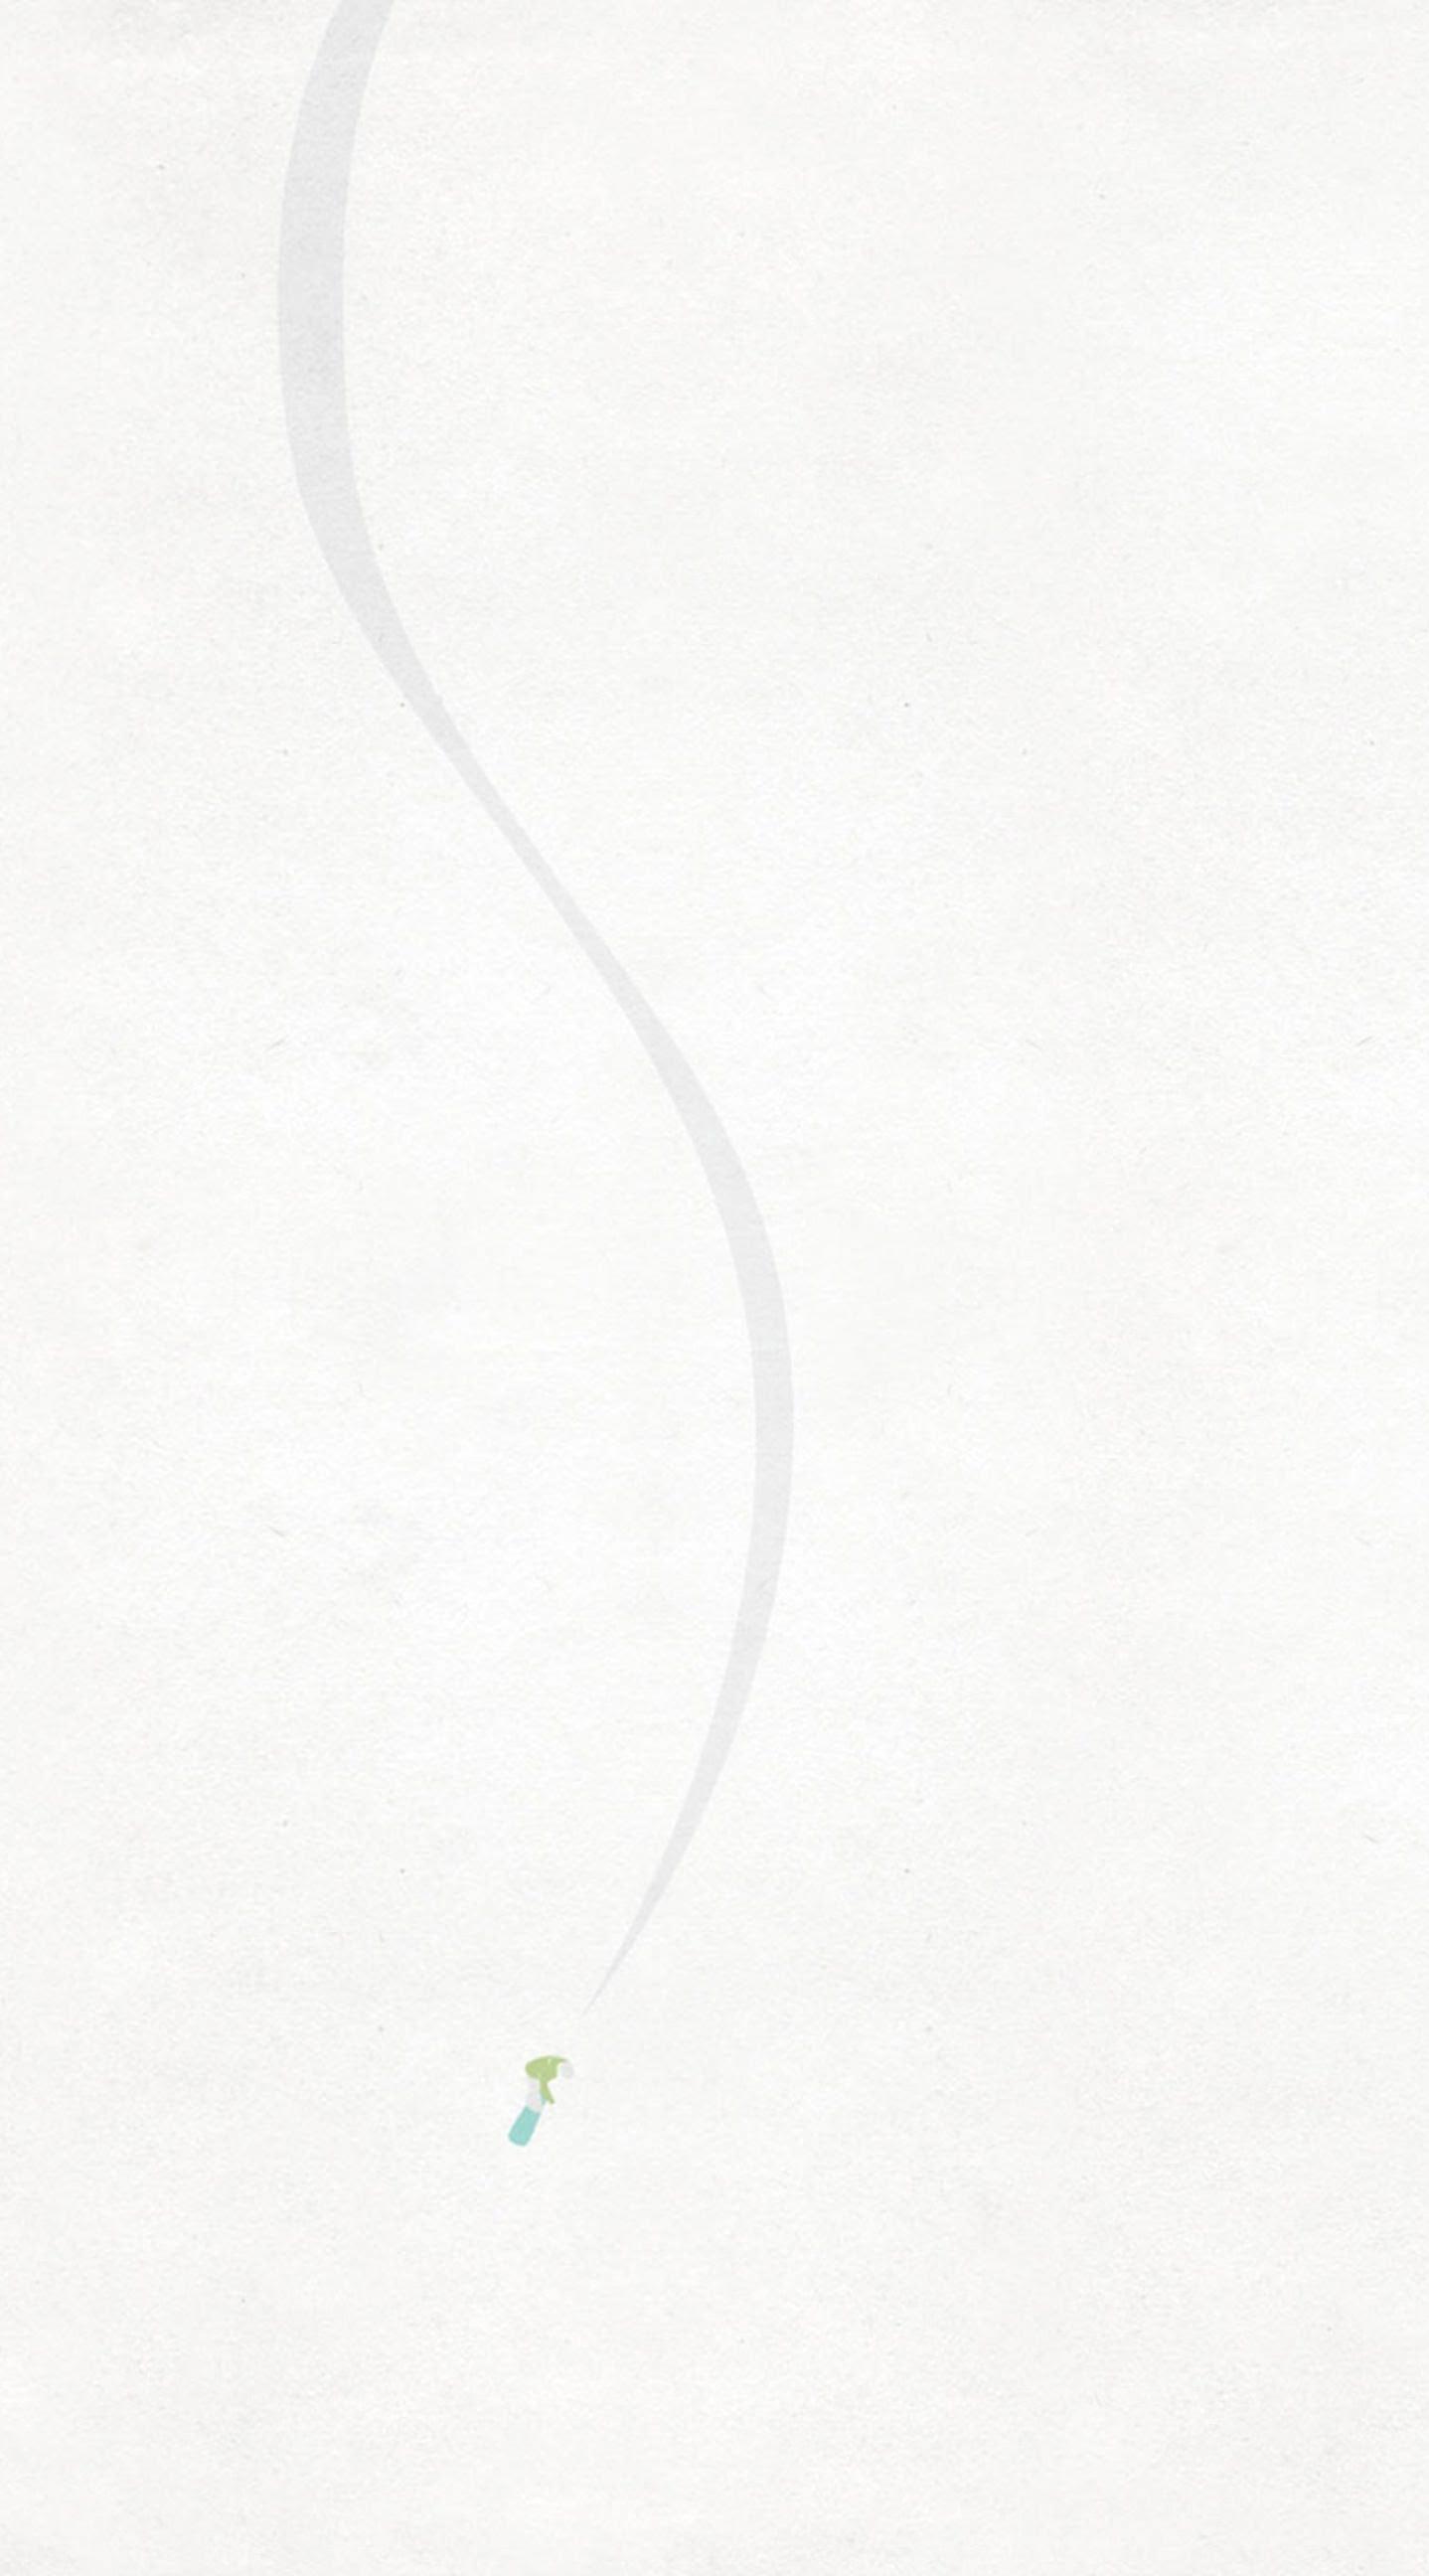 かっこいい Iphone 白 壁紙 かっこいい Iphone 白 壁紙 あなたのための最高の壁紙画像